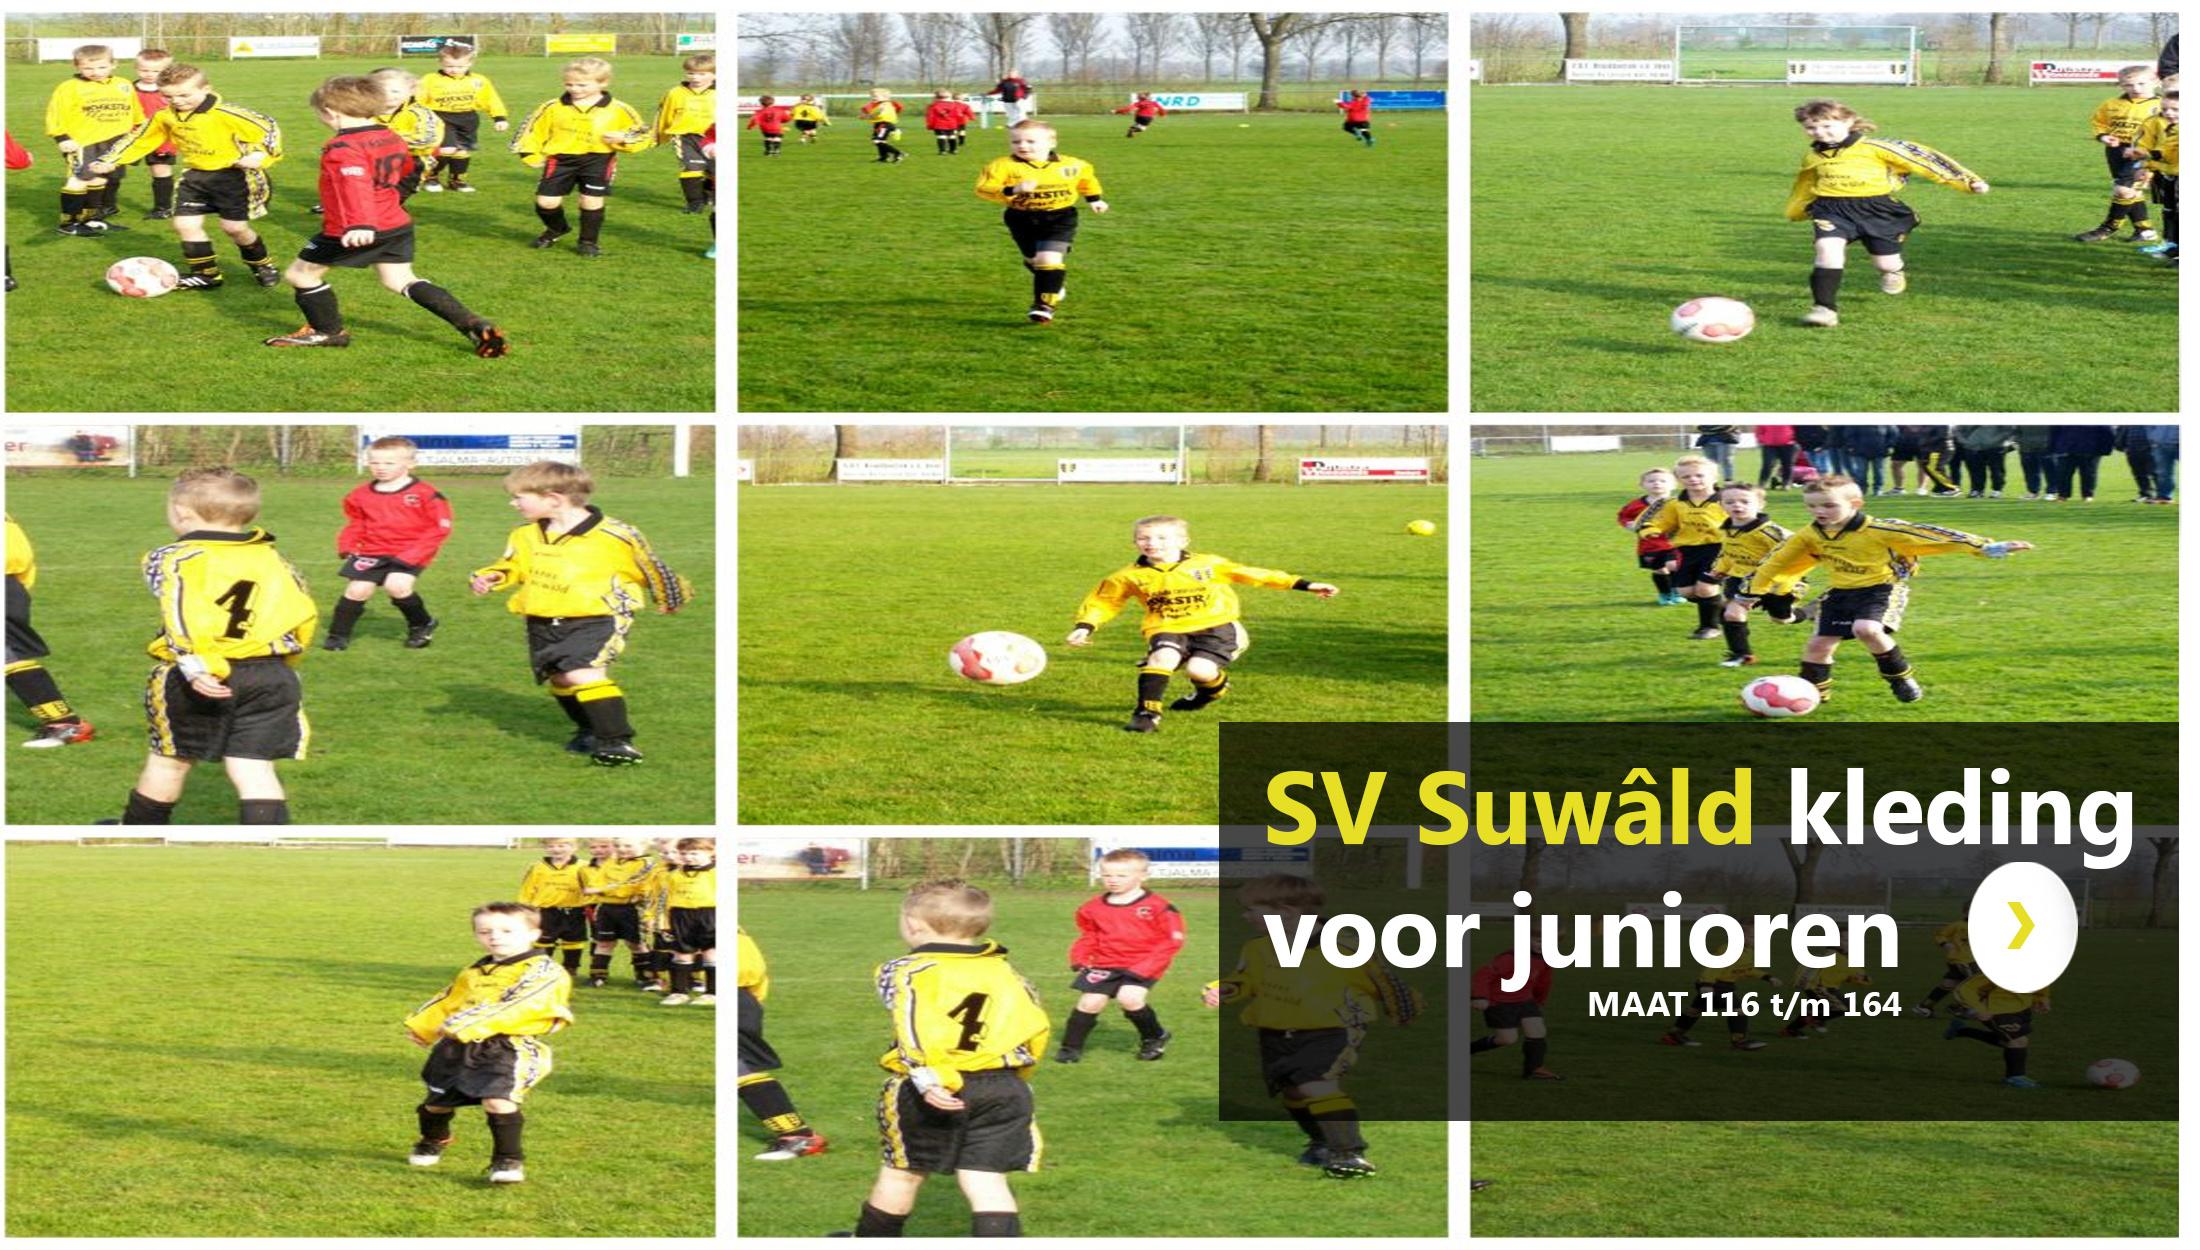 SV Suwald